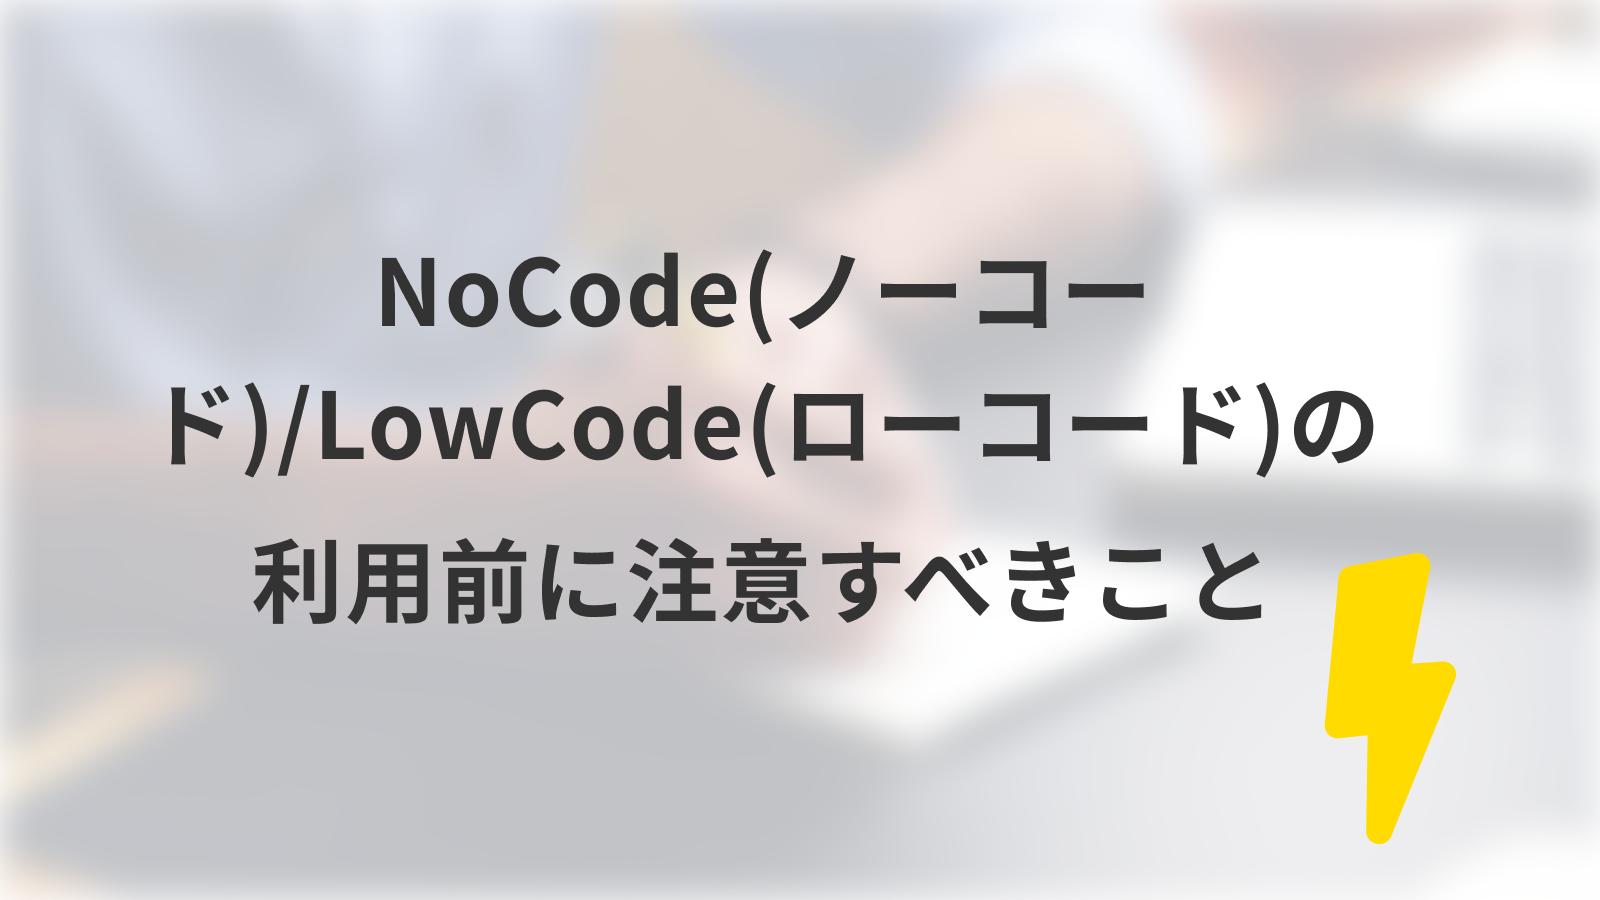 NoCode(ノーコード)/LowCode(ローコード)の利用前に注意すべきこと